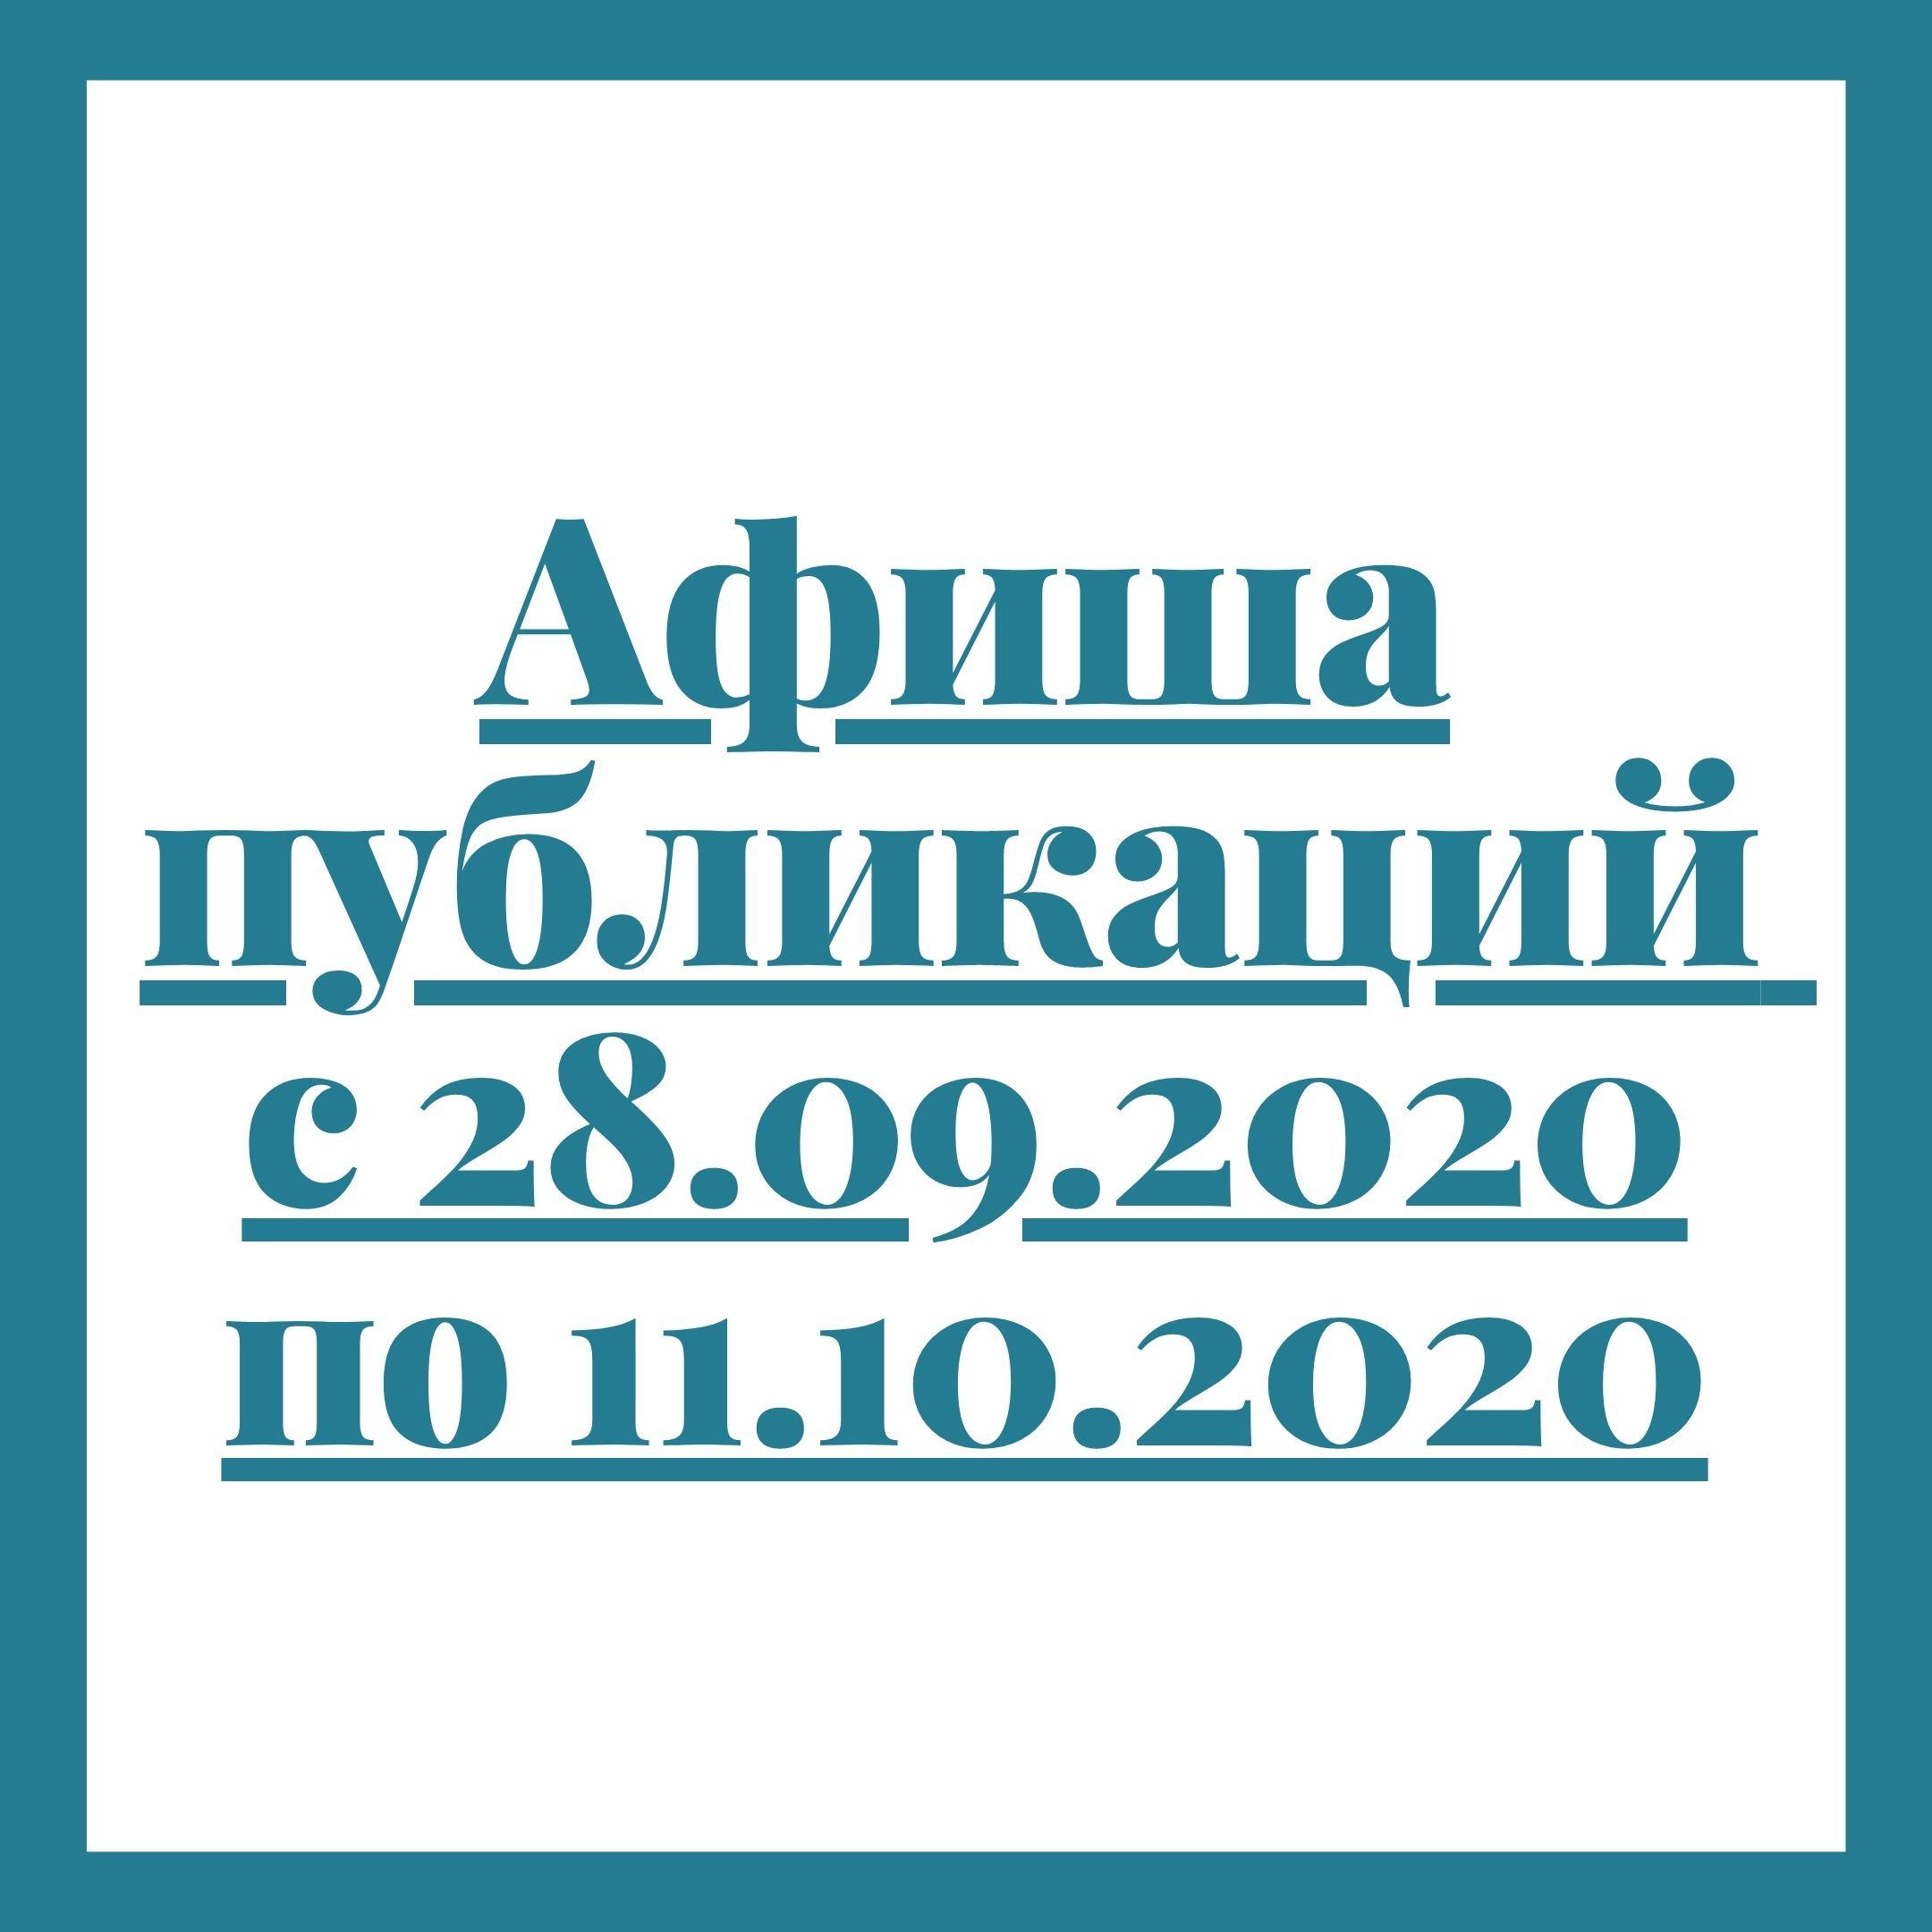 Афиша с 28.09.2020г. по 11.10.2020г.